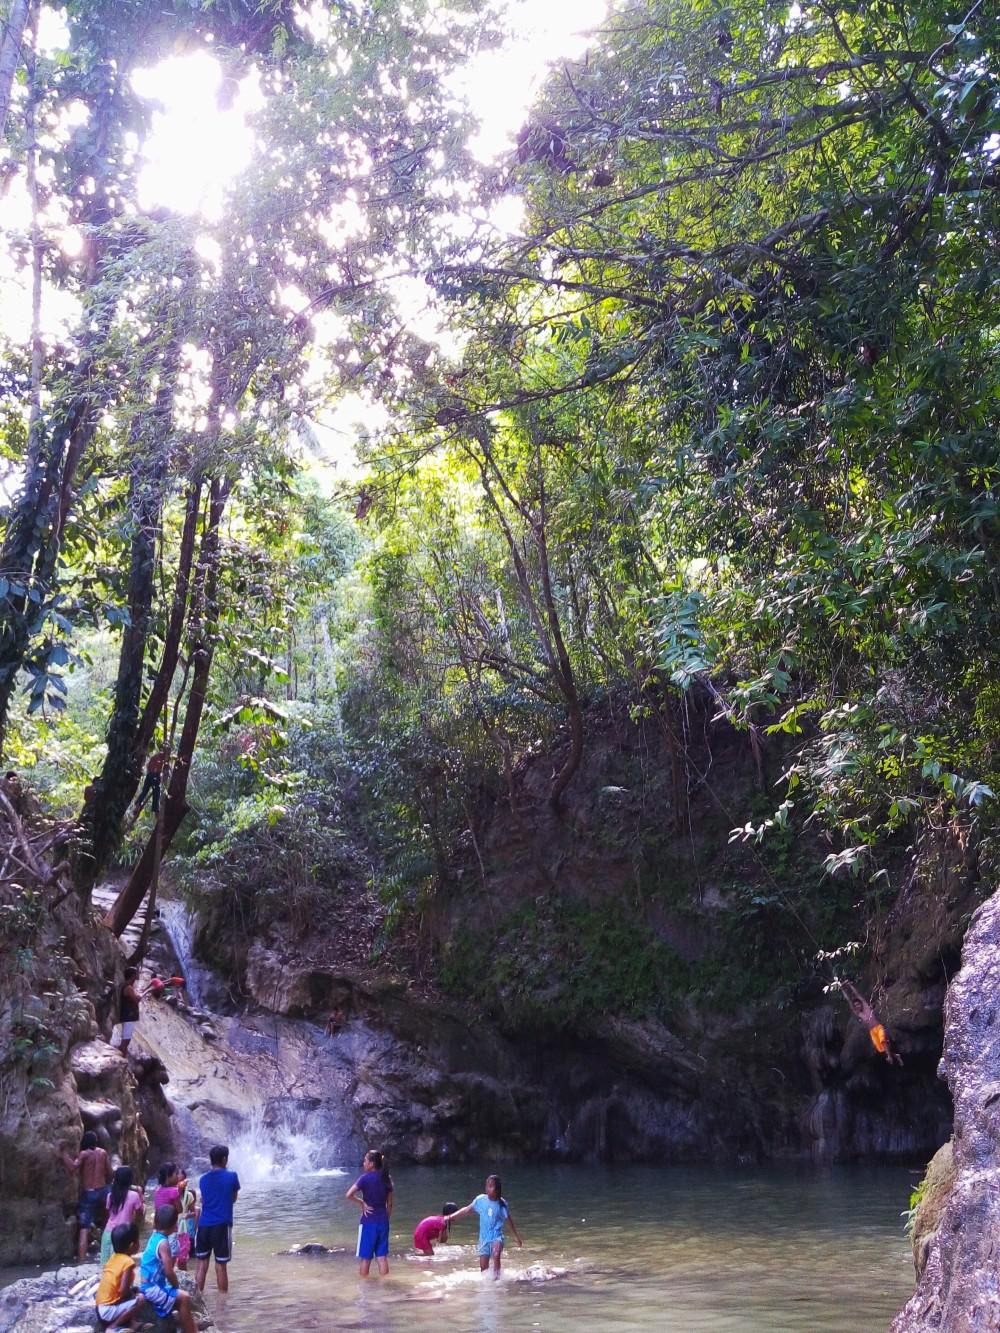 Bohol Blog, Bohol waterfalls, how to get to bohol water falls, backpacking bohol falls